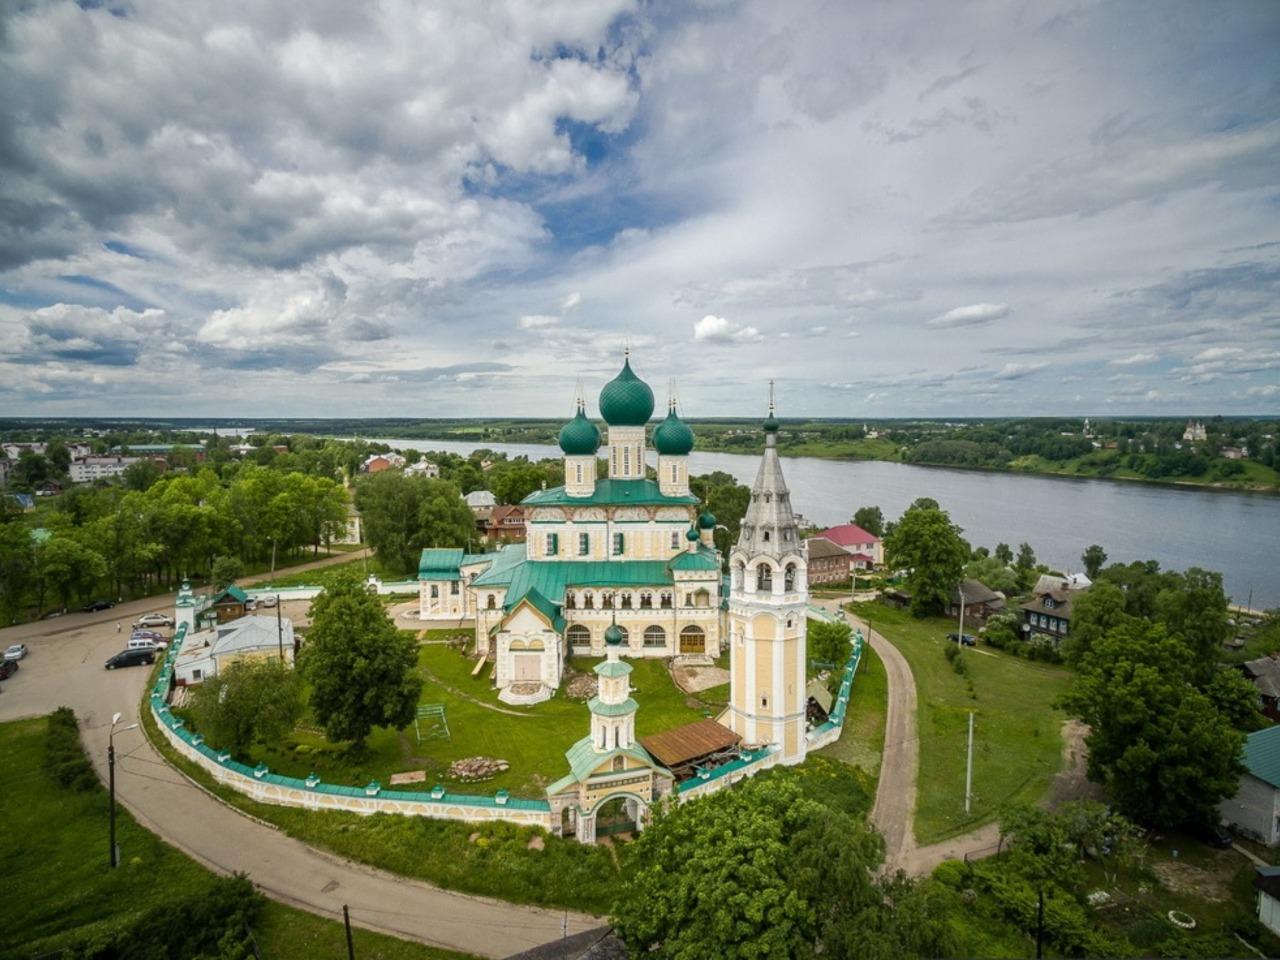 Верхневолжские жемчужины: Тутаев и Рыбинск за день - индивидуальная экскурсия в Ярославле от опытного гида